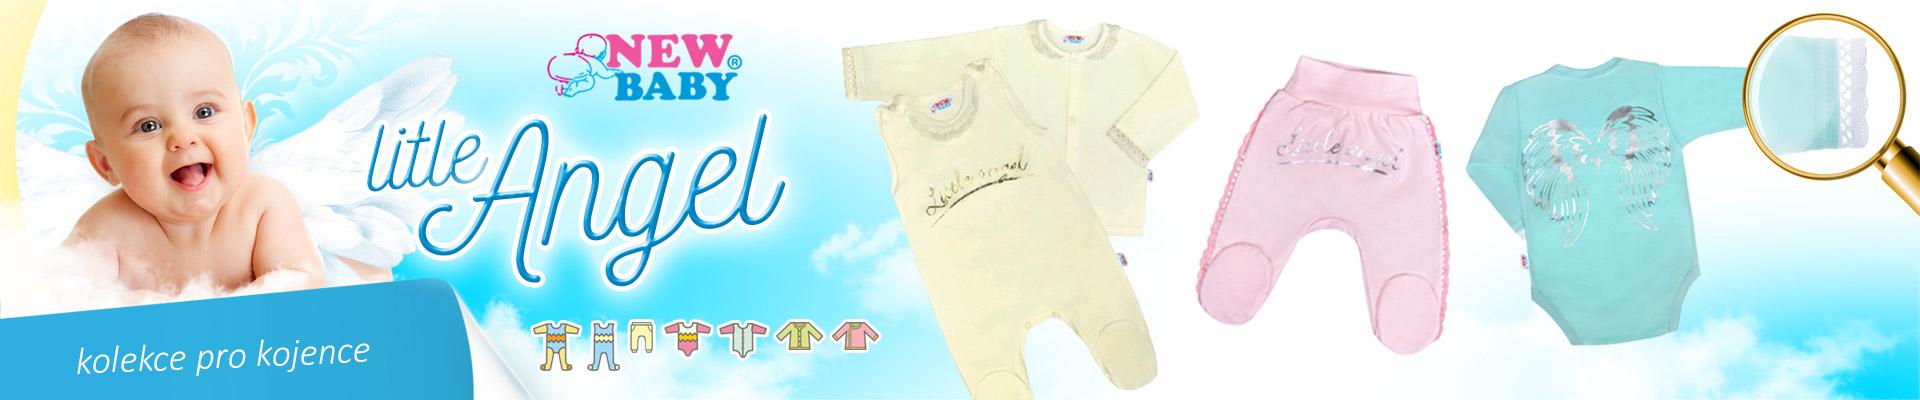 f2c605c32fcc Kouzlu kolekce Angel podlehnete velmi lehce. Elegantní a stylové kojenecké  oblečení Angel dodá miminkům ještě větší šmrnc. Navíc bude v pohodlí a  teple.